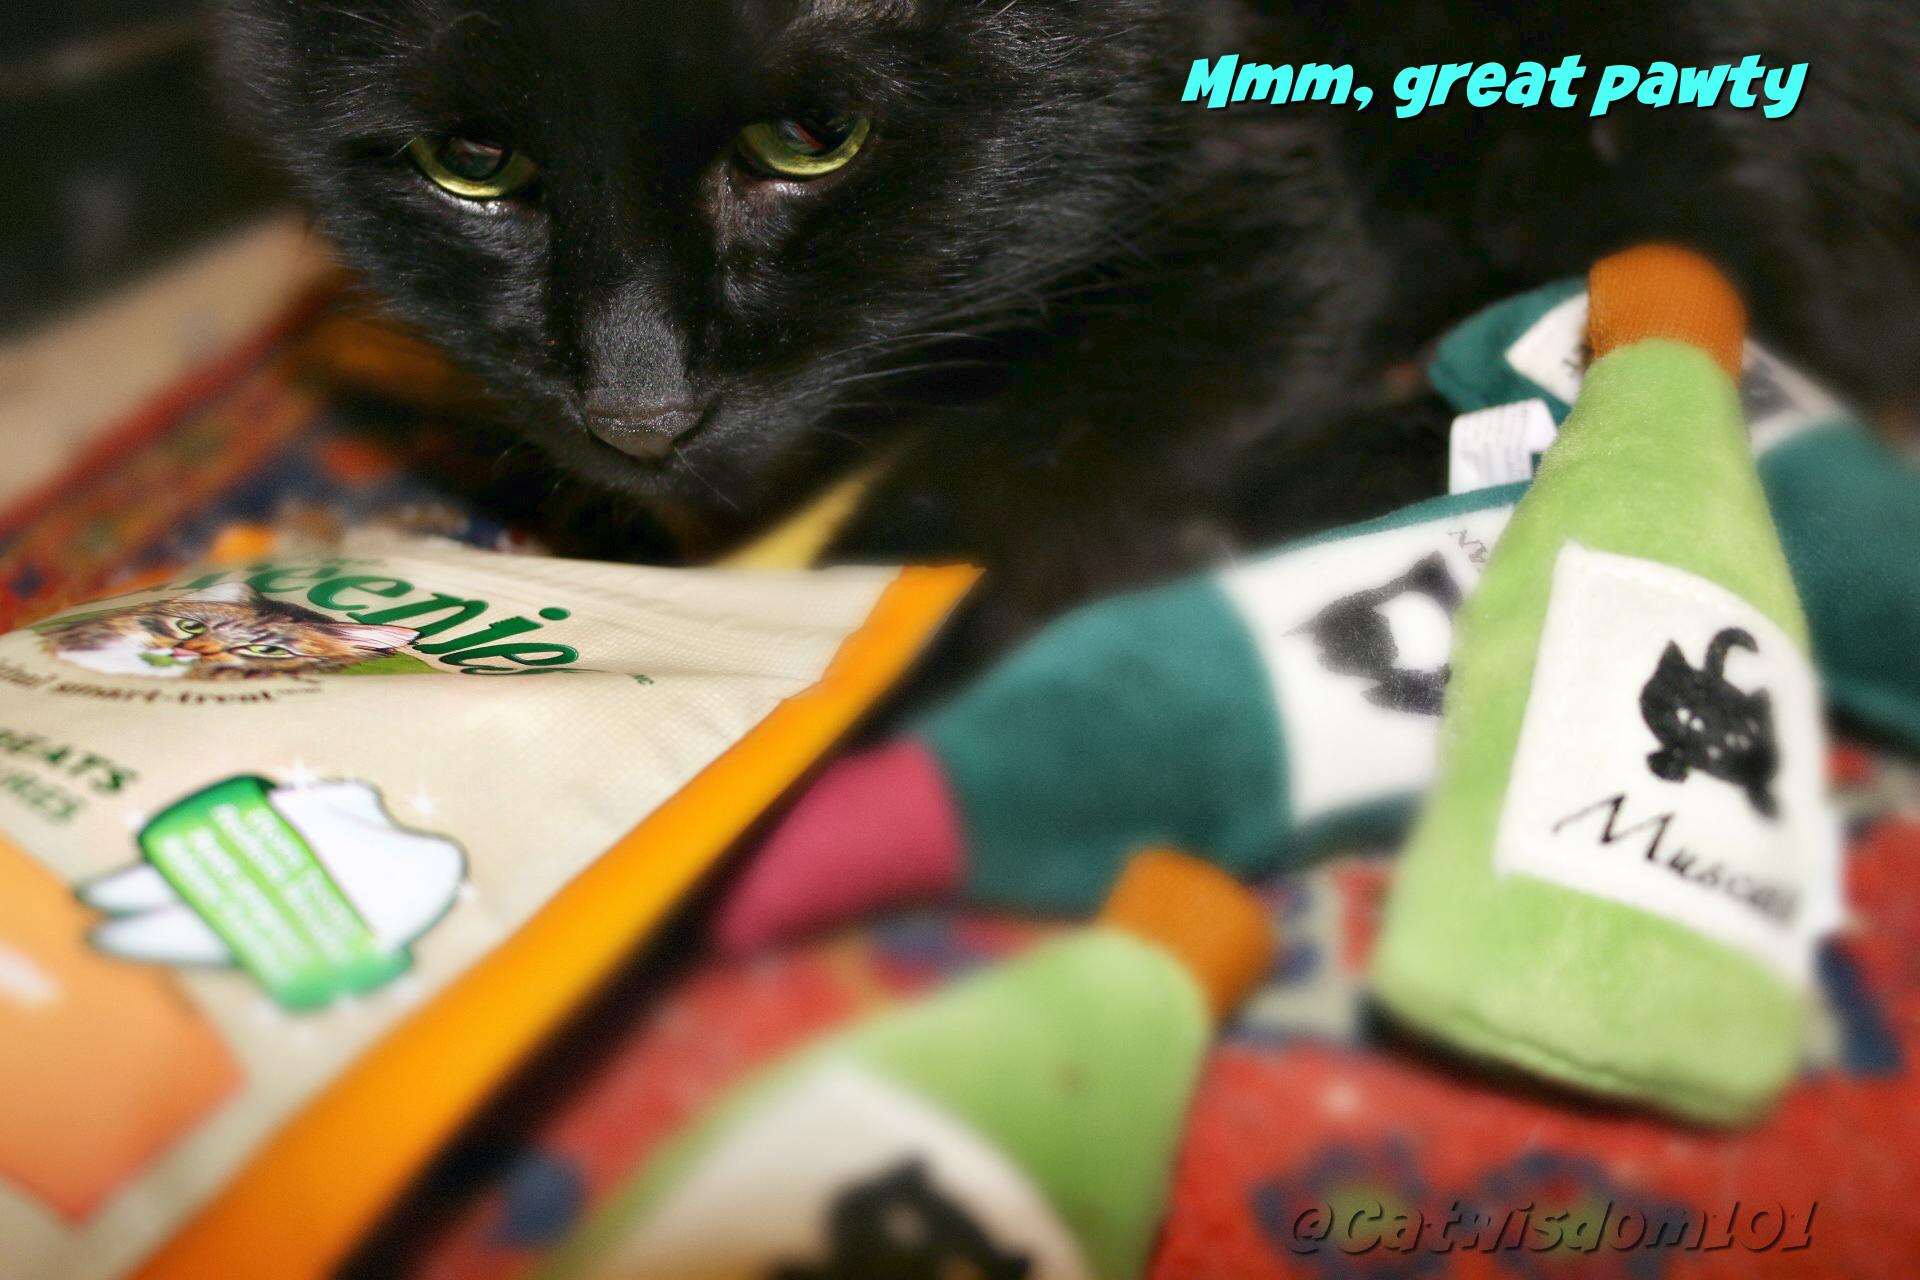 catnip_pawty